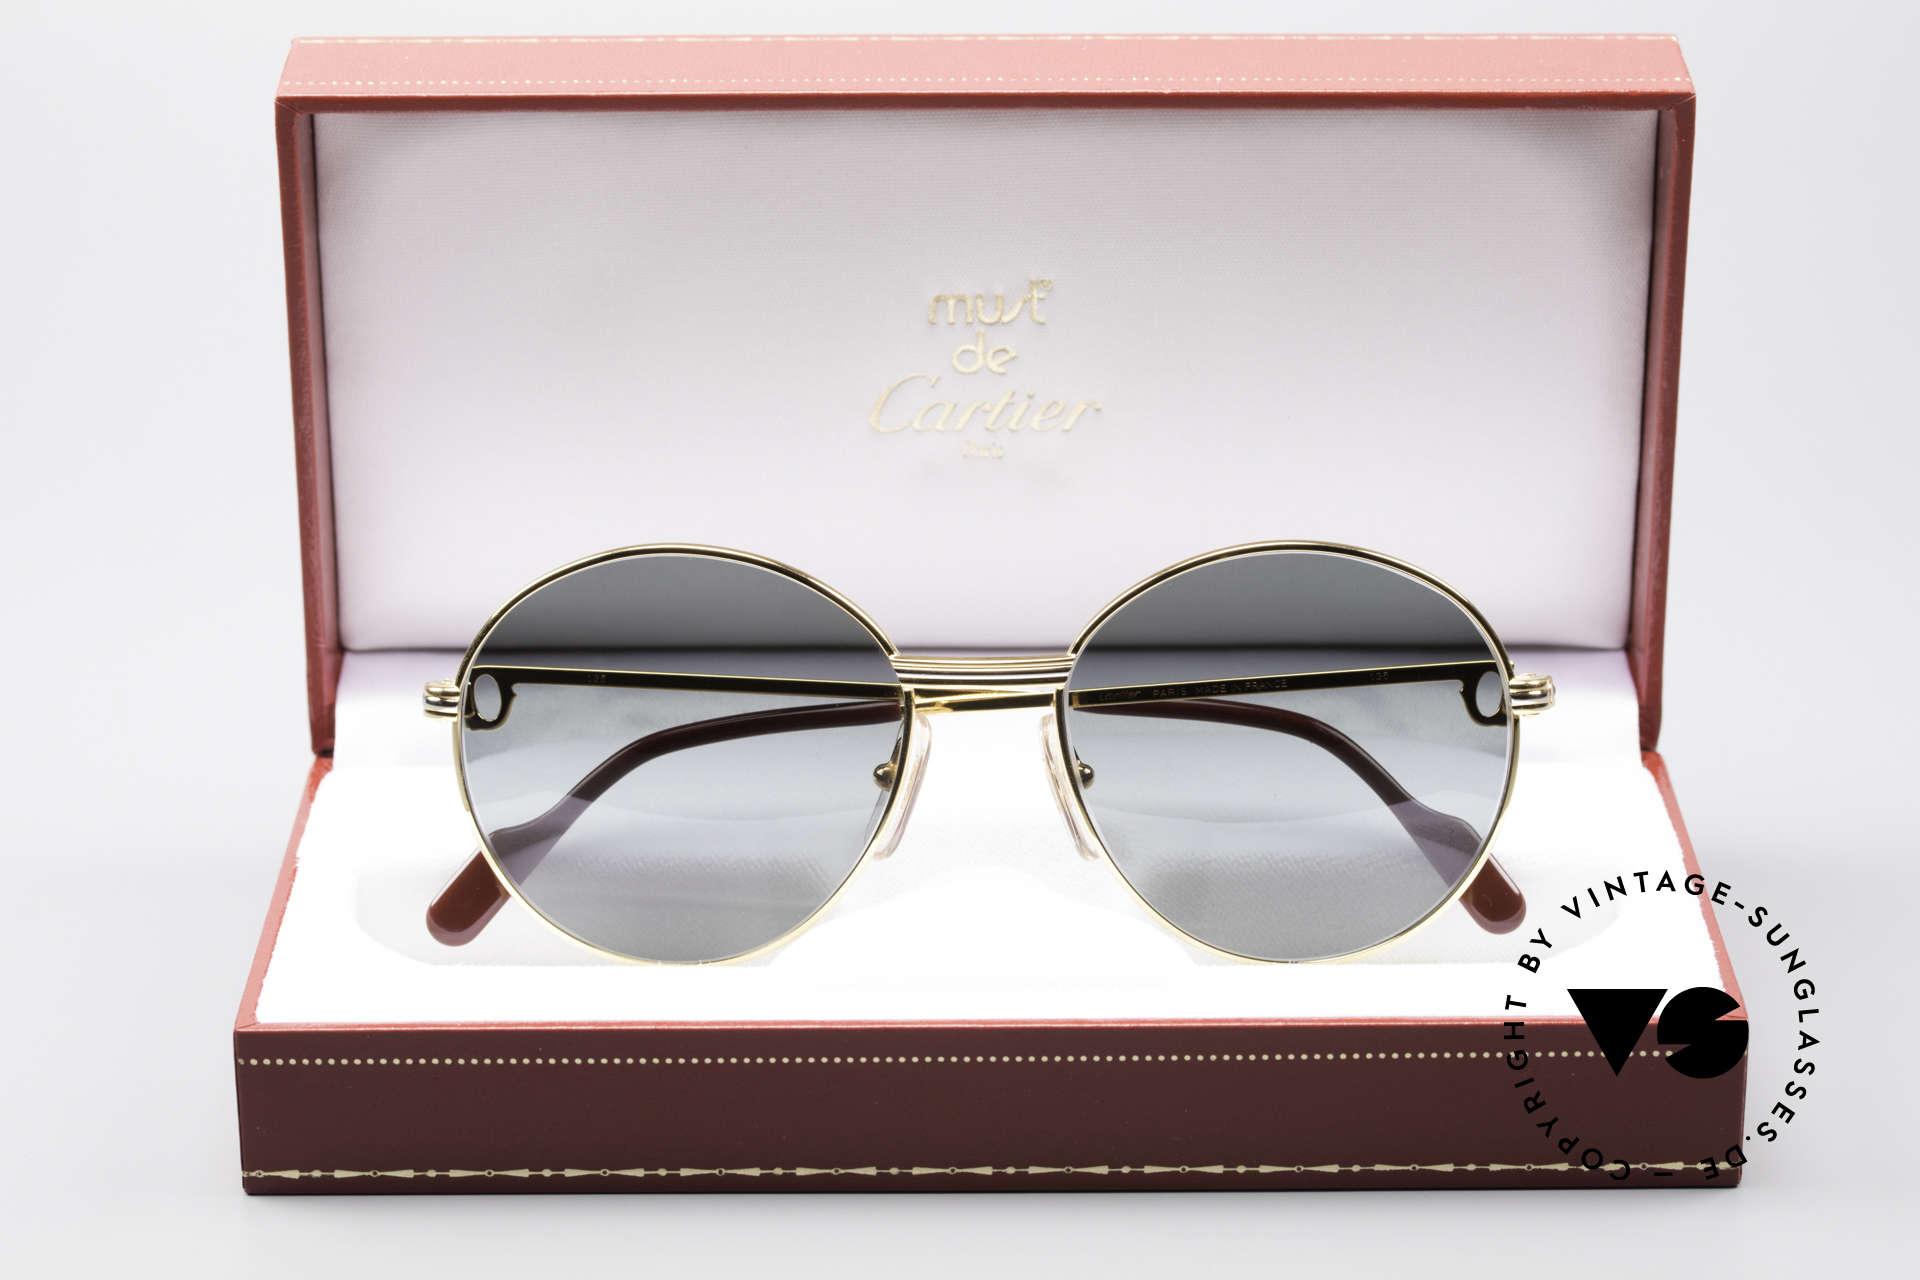 ffa64e69999d1 Sunglasses Cartier Round Panto Customized Special Edition